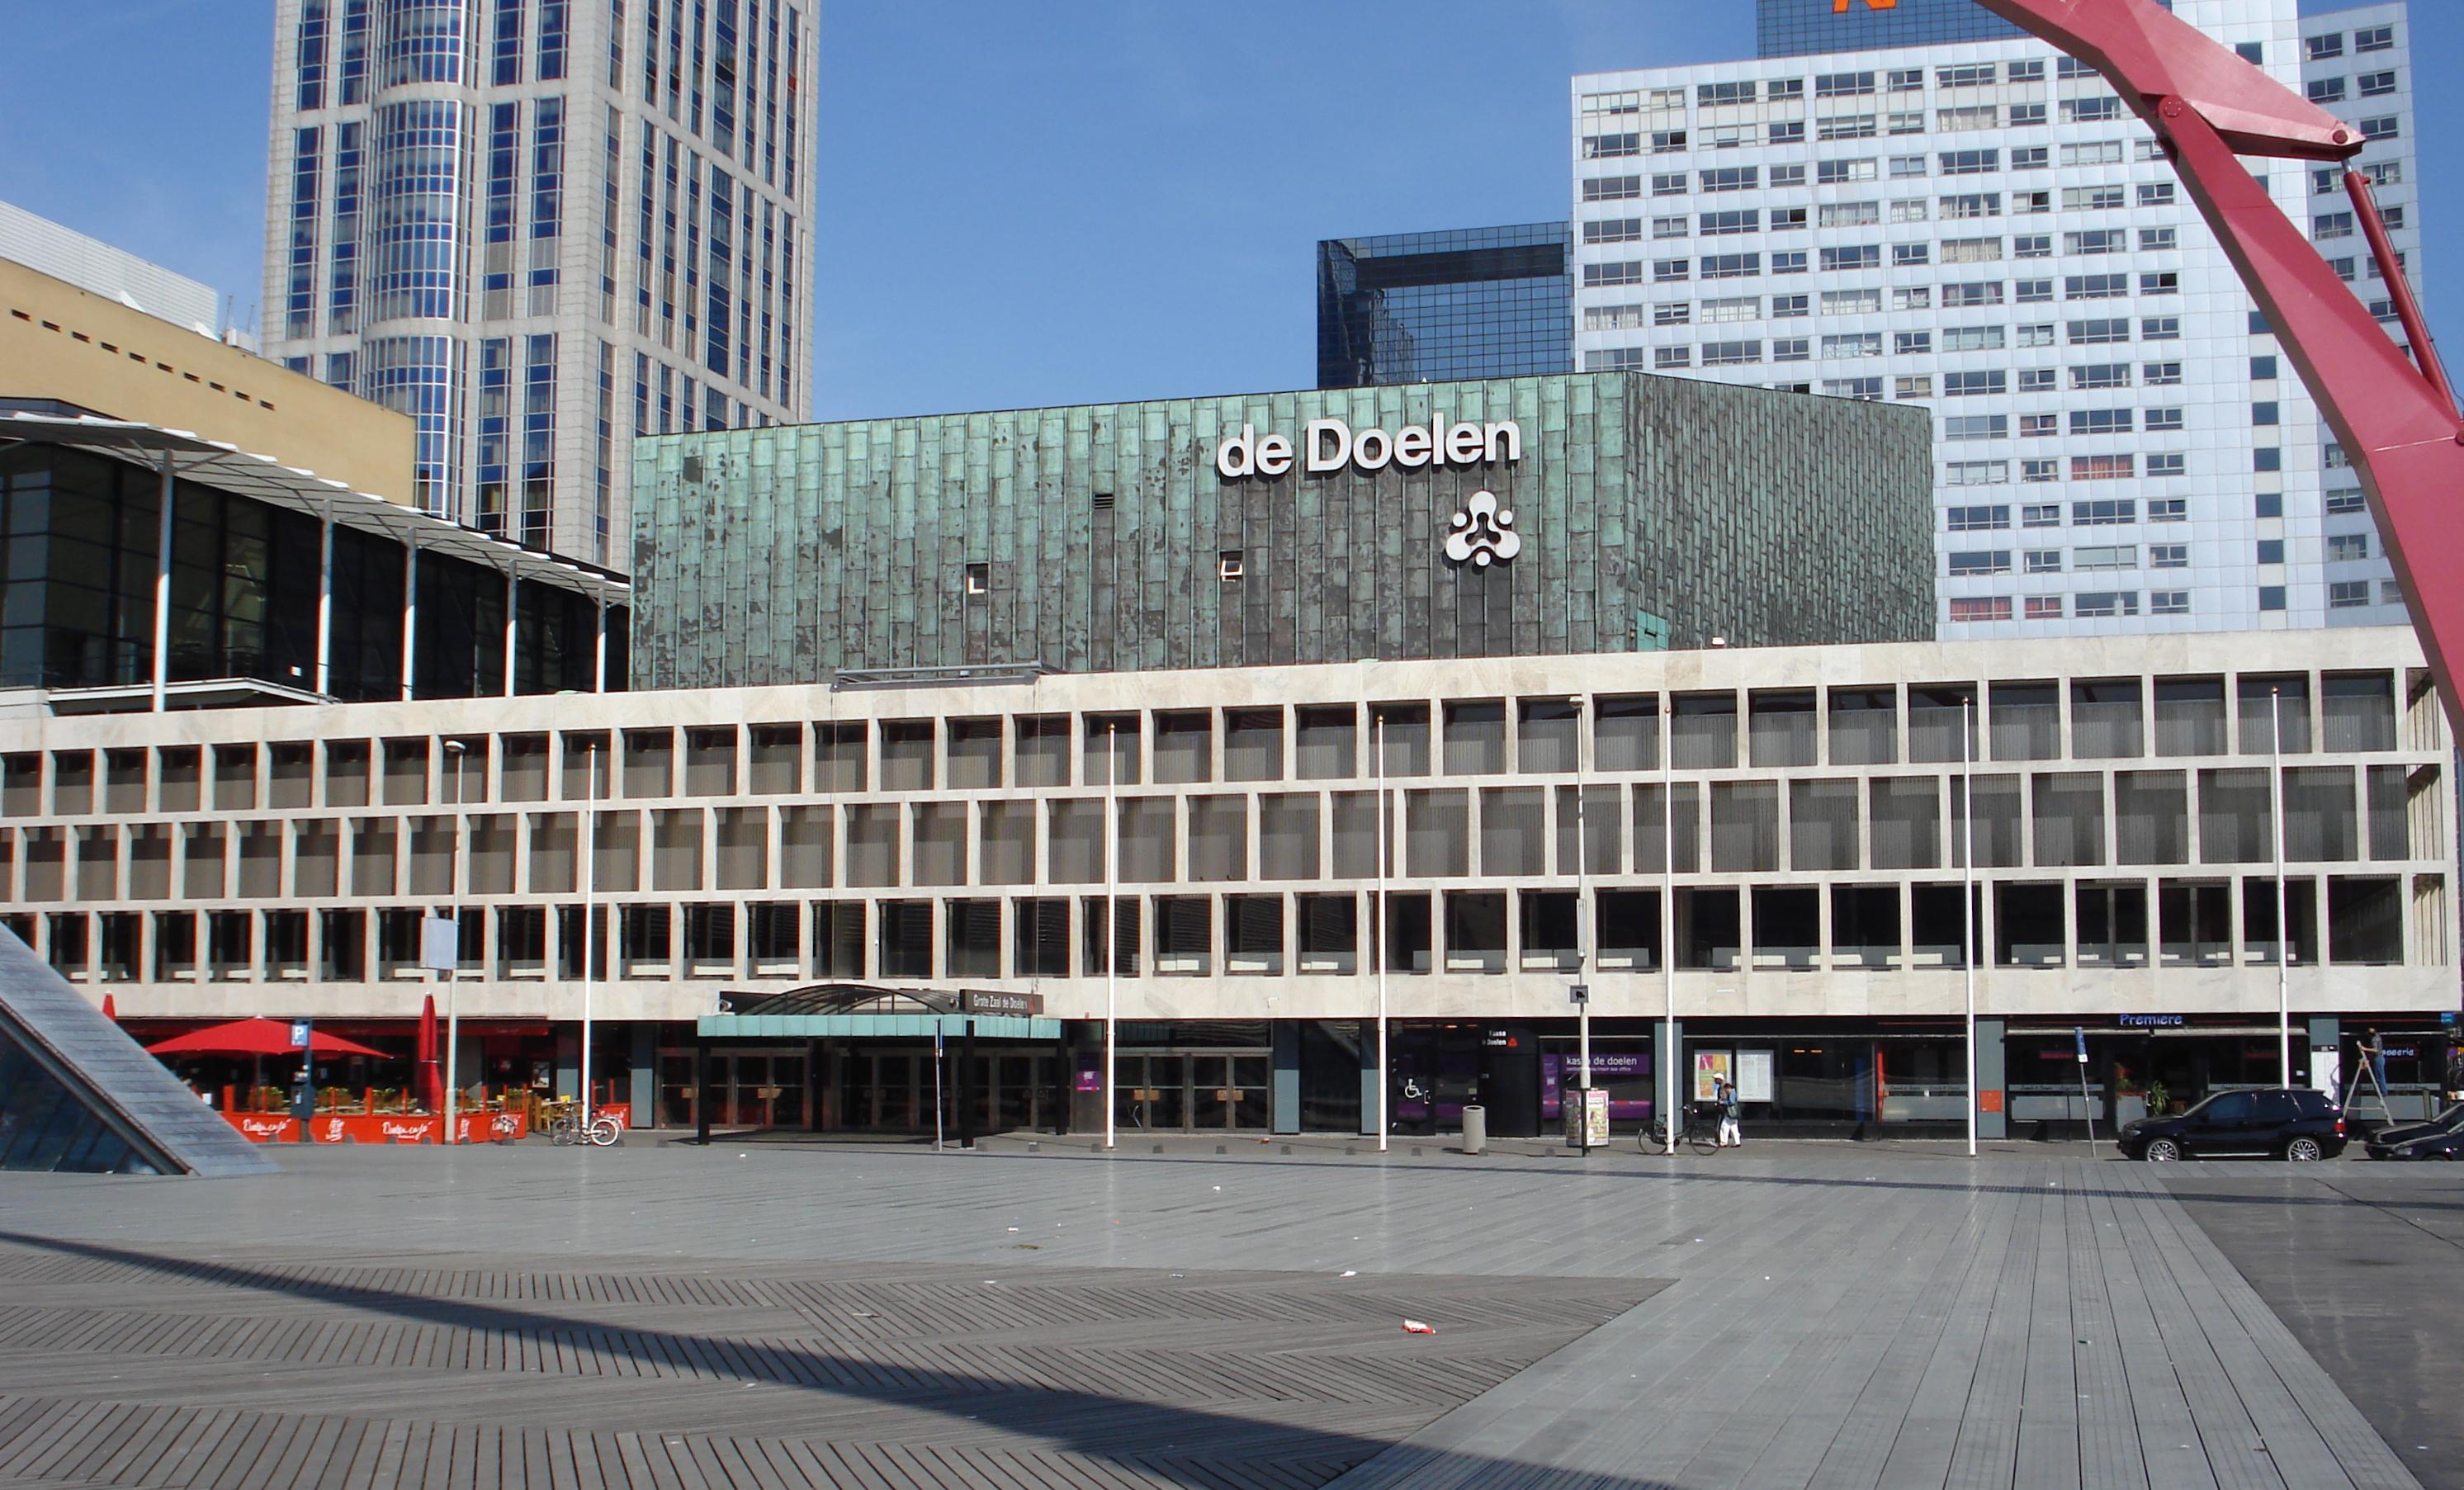 Rotterdam de doelen.jpg